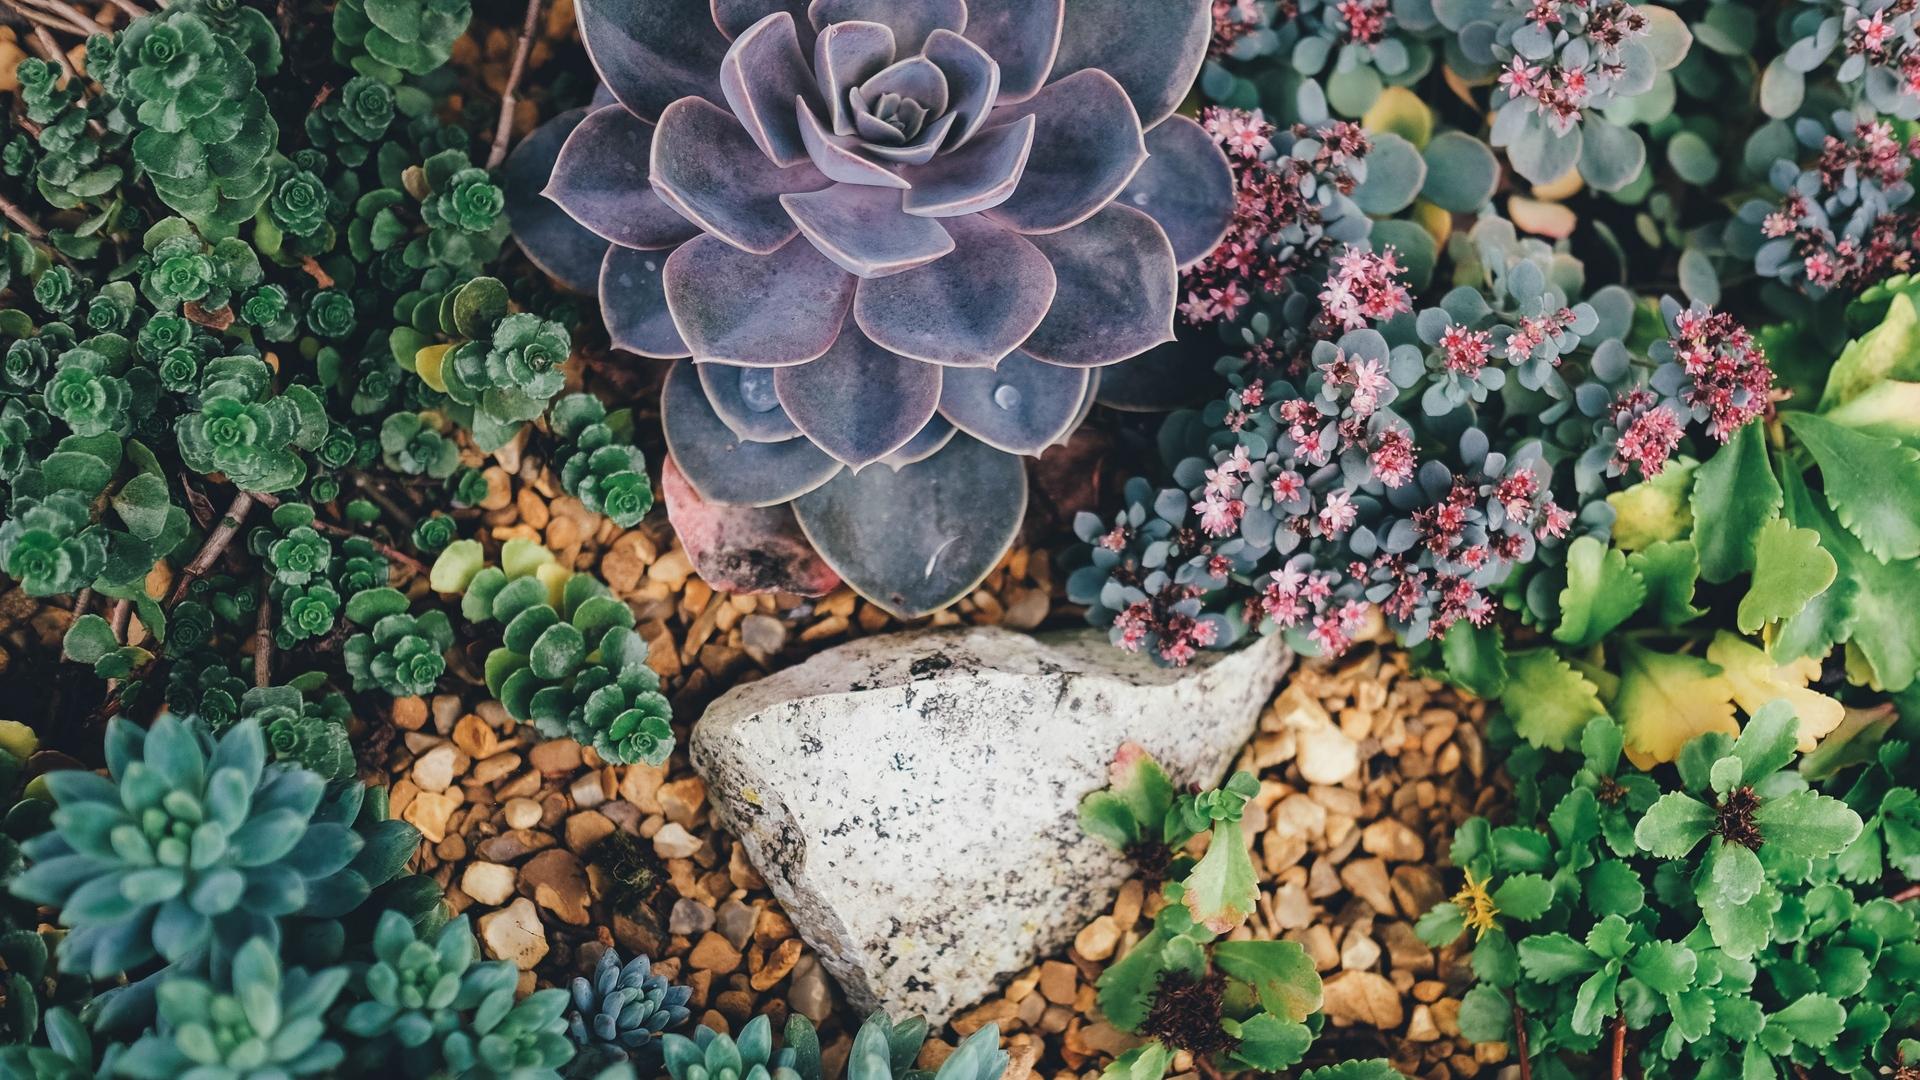 1920x1080 succulent flowers plant laptop full hd 1080p hd 4k